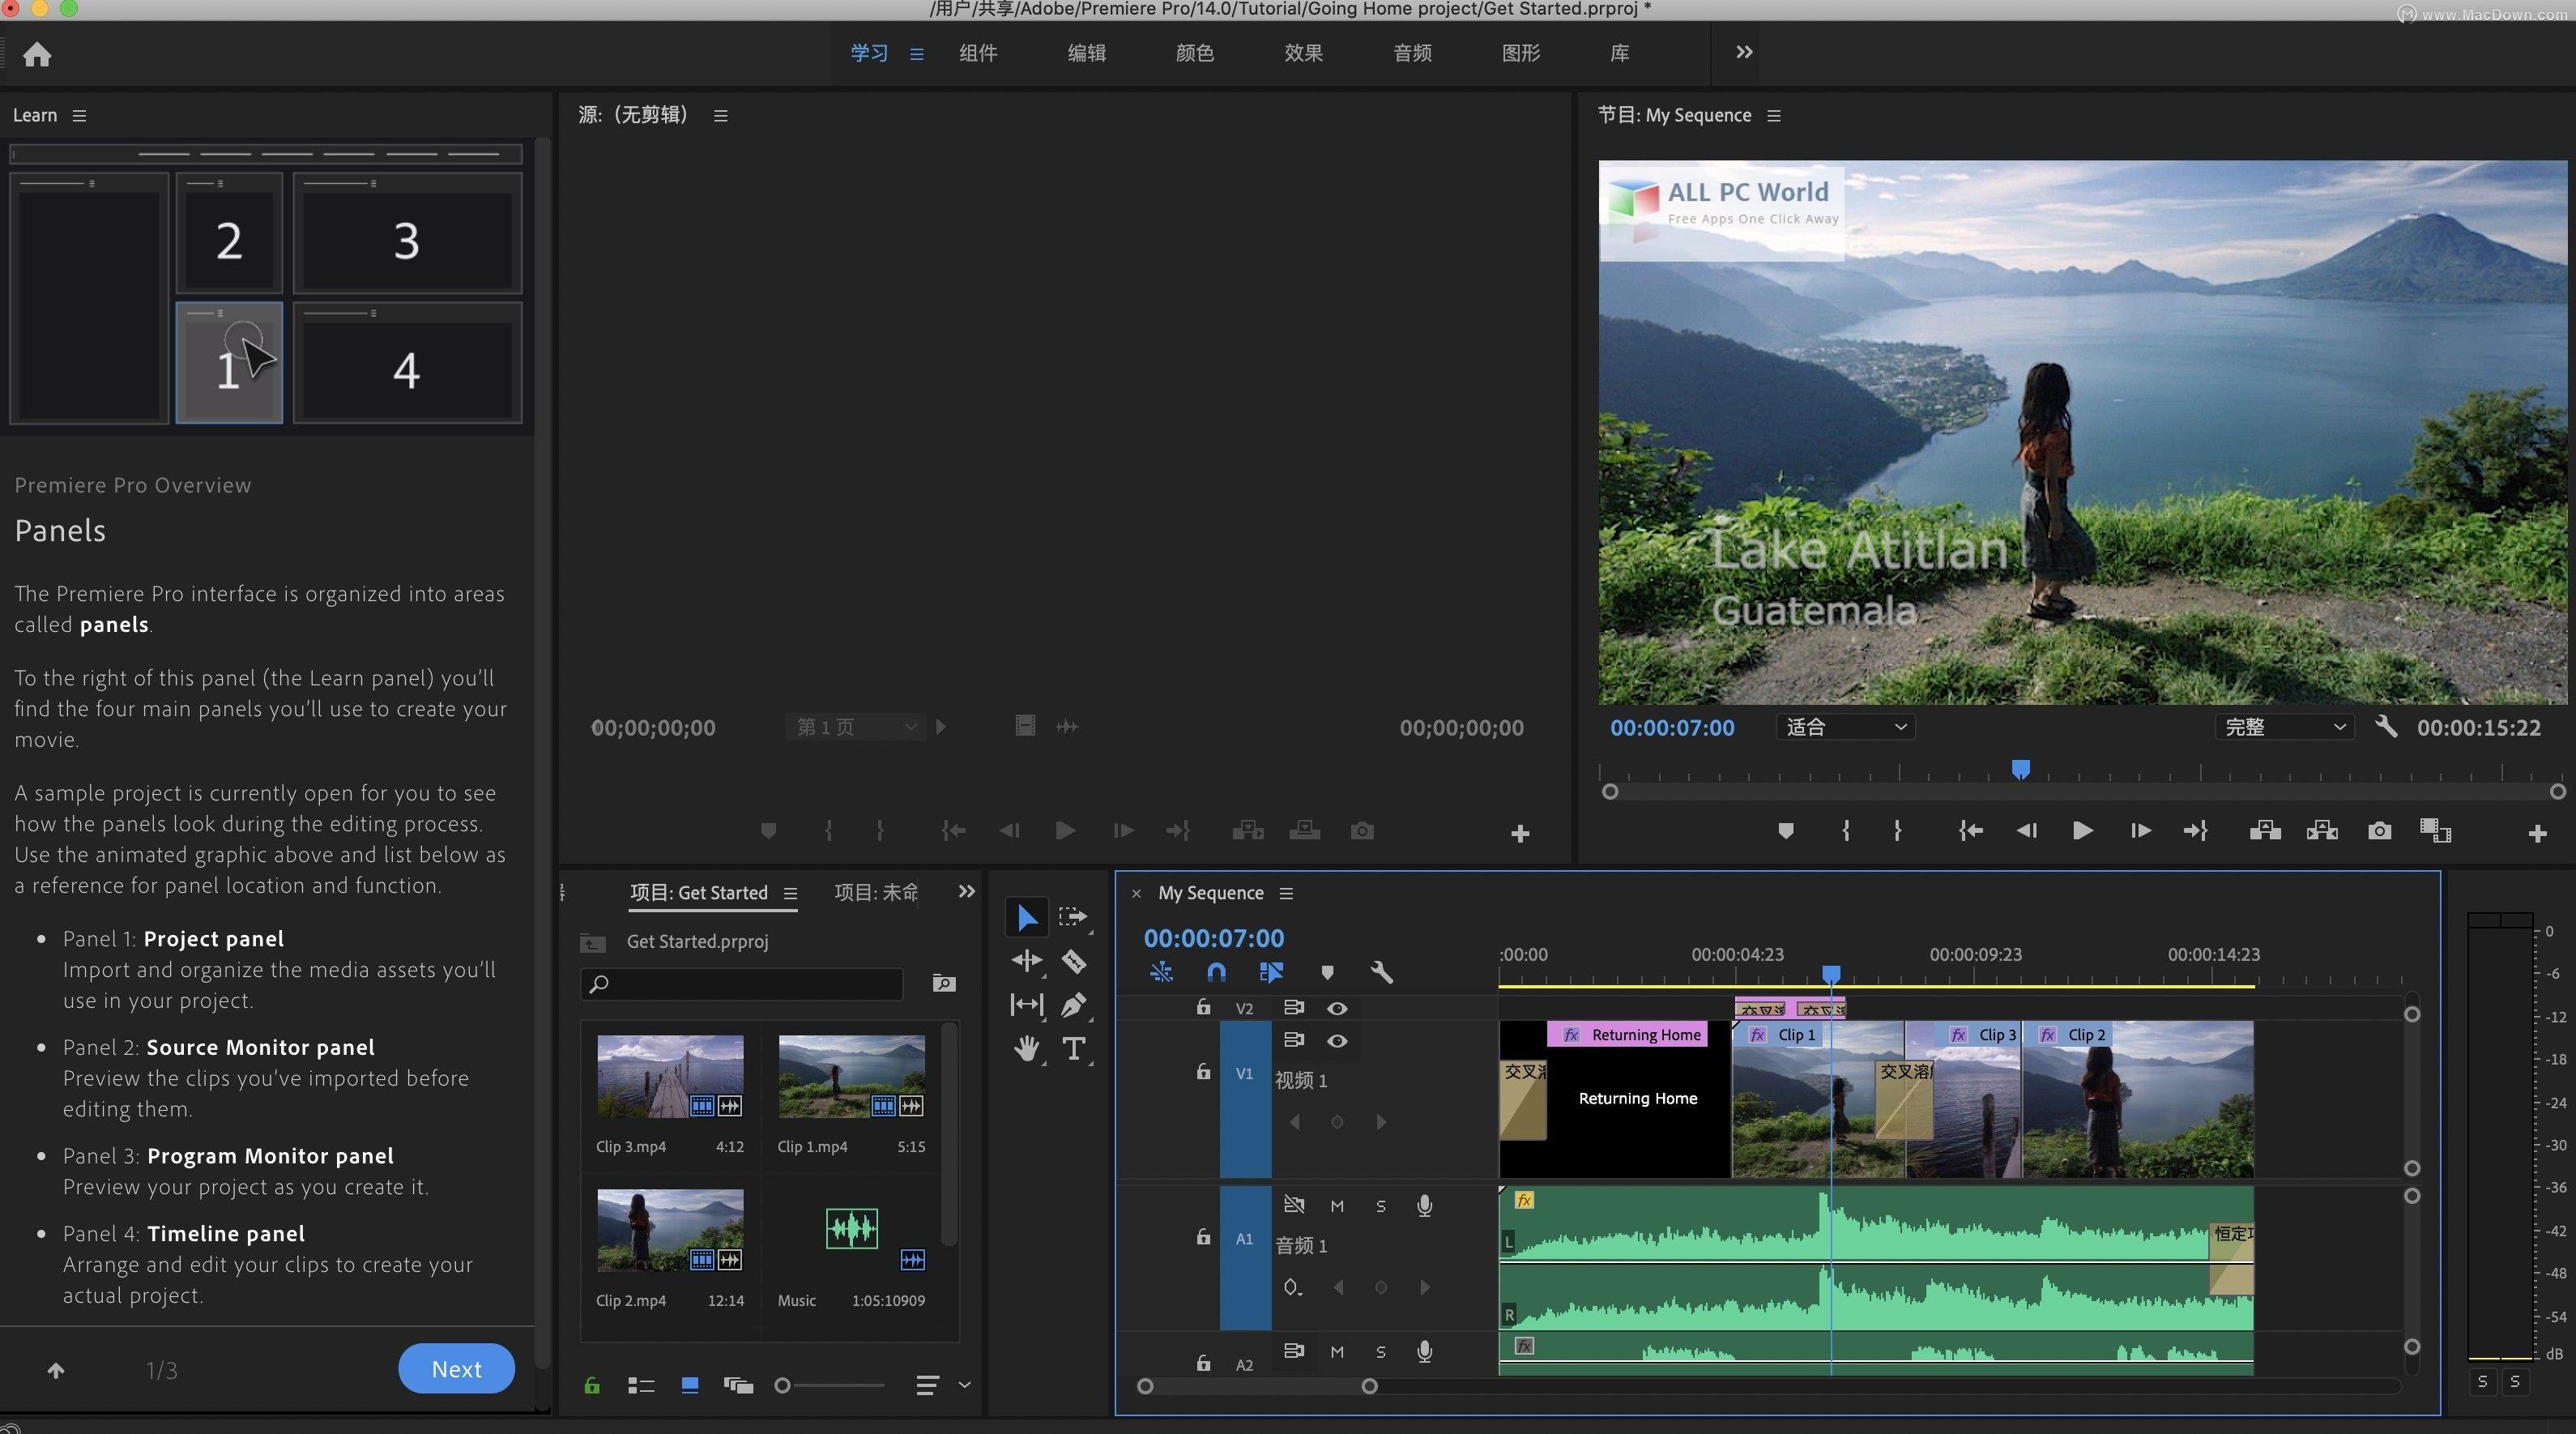 Télécharger Adobe Premiere Pro CC 2020 v14.0 gratuitement